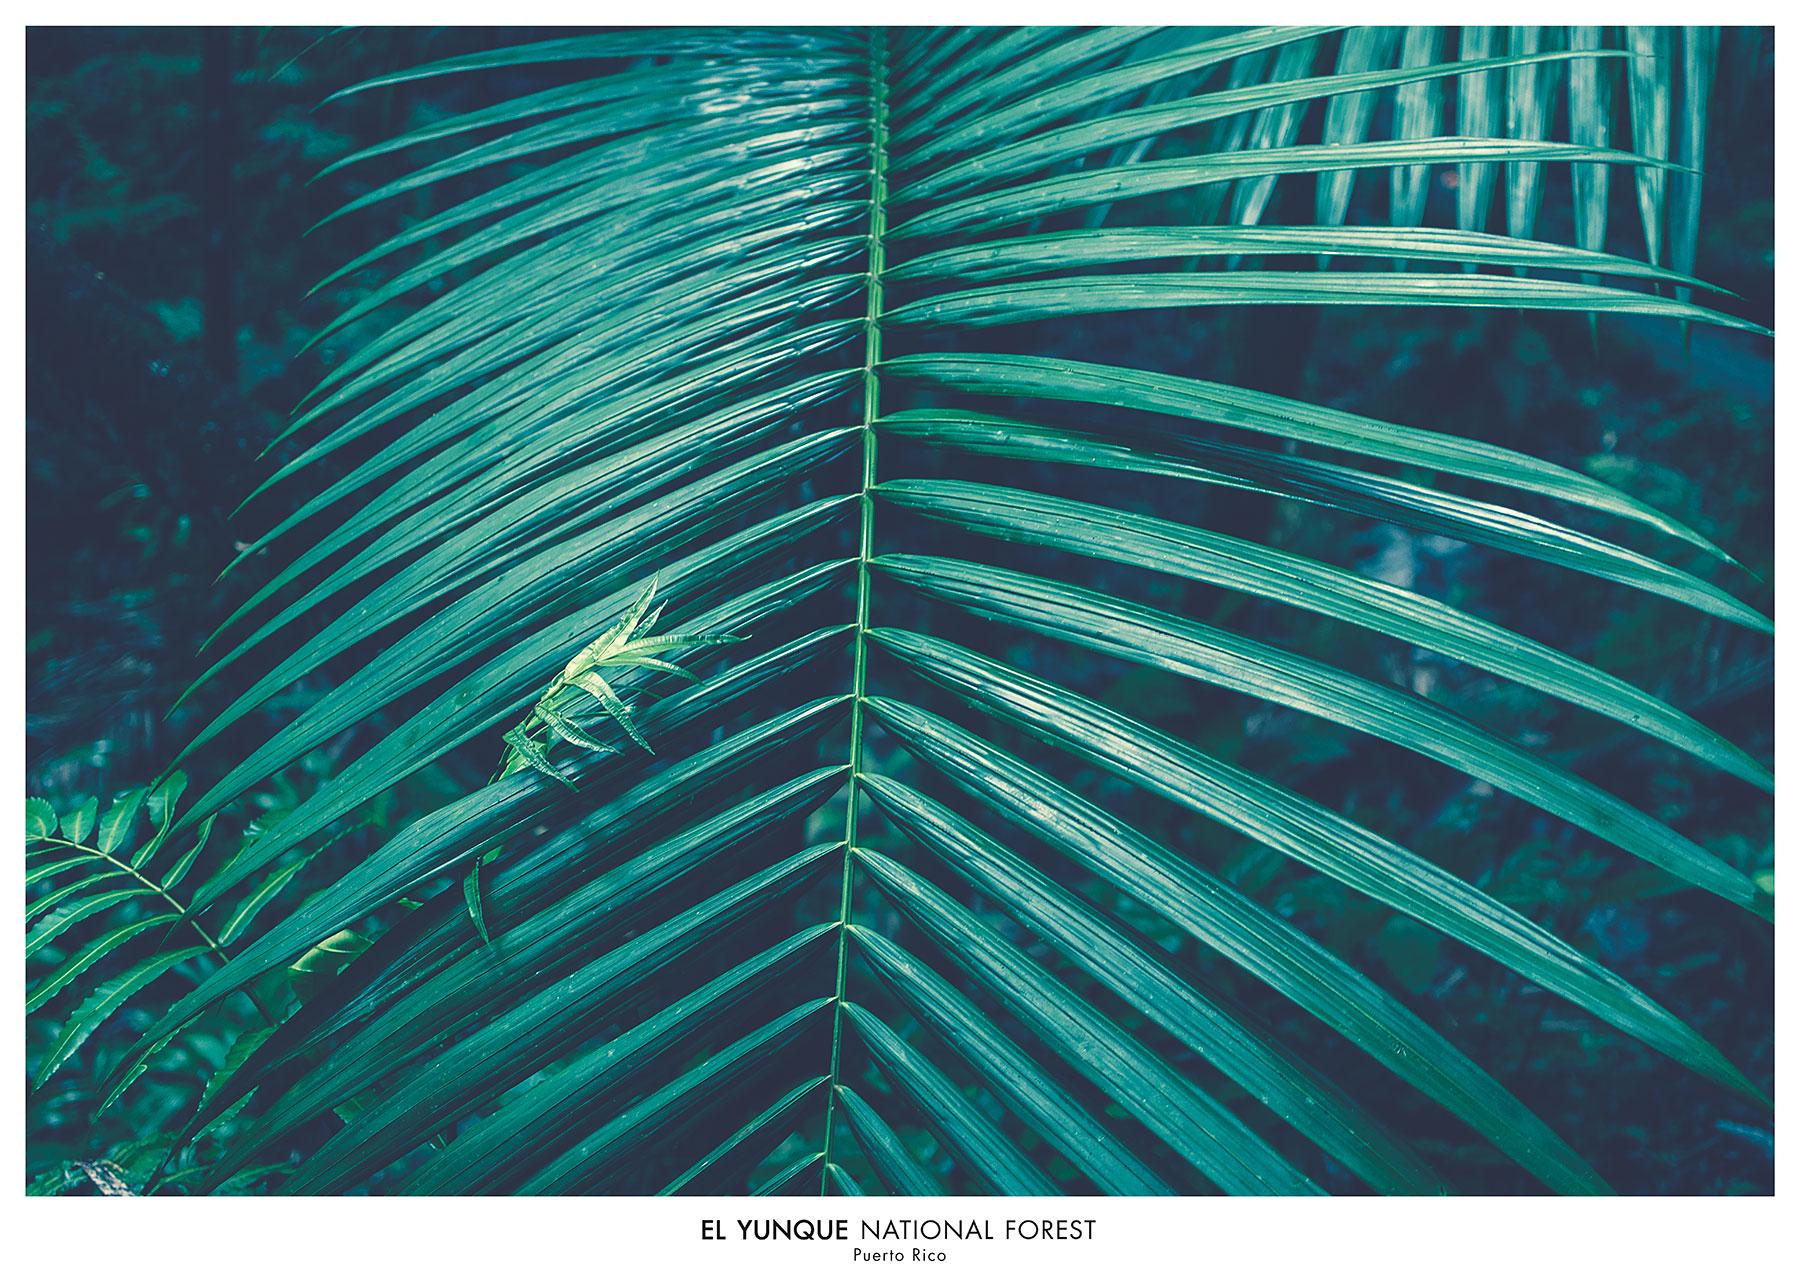 El Yunque forrest